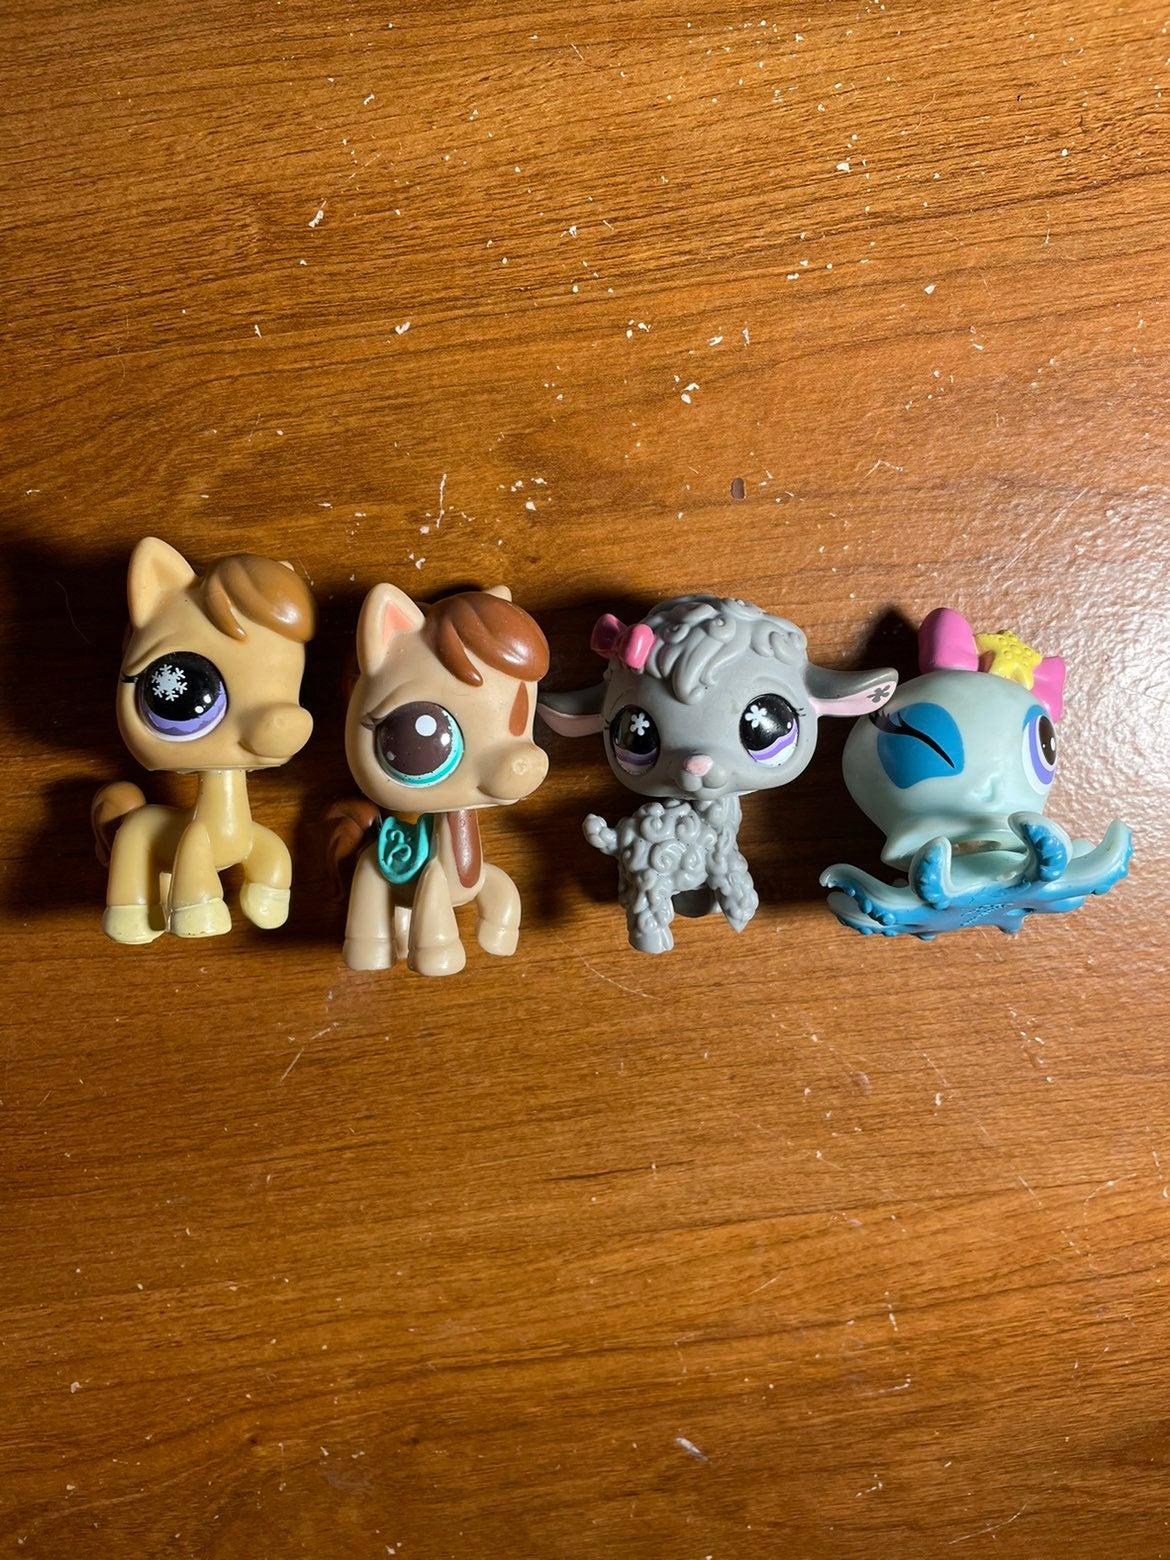 Lps horses, lamb, and octopus